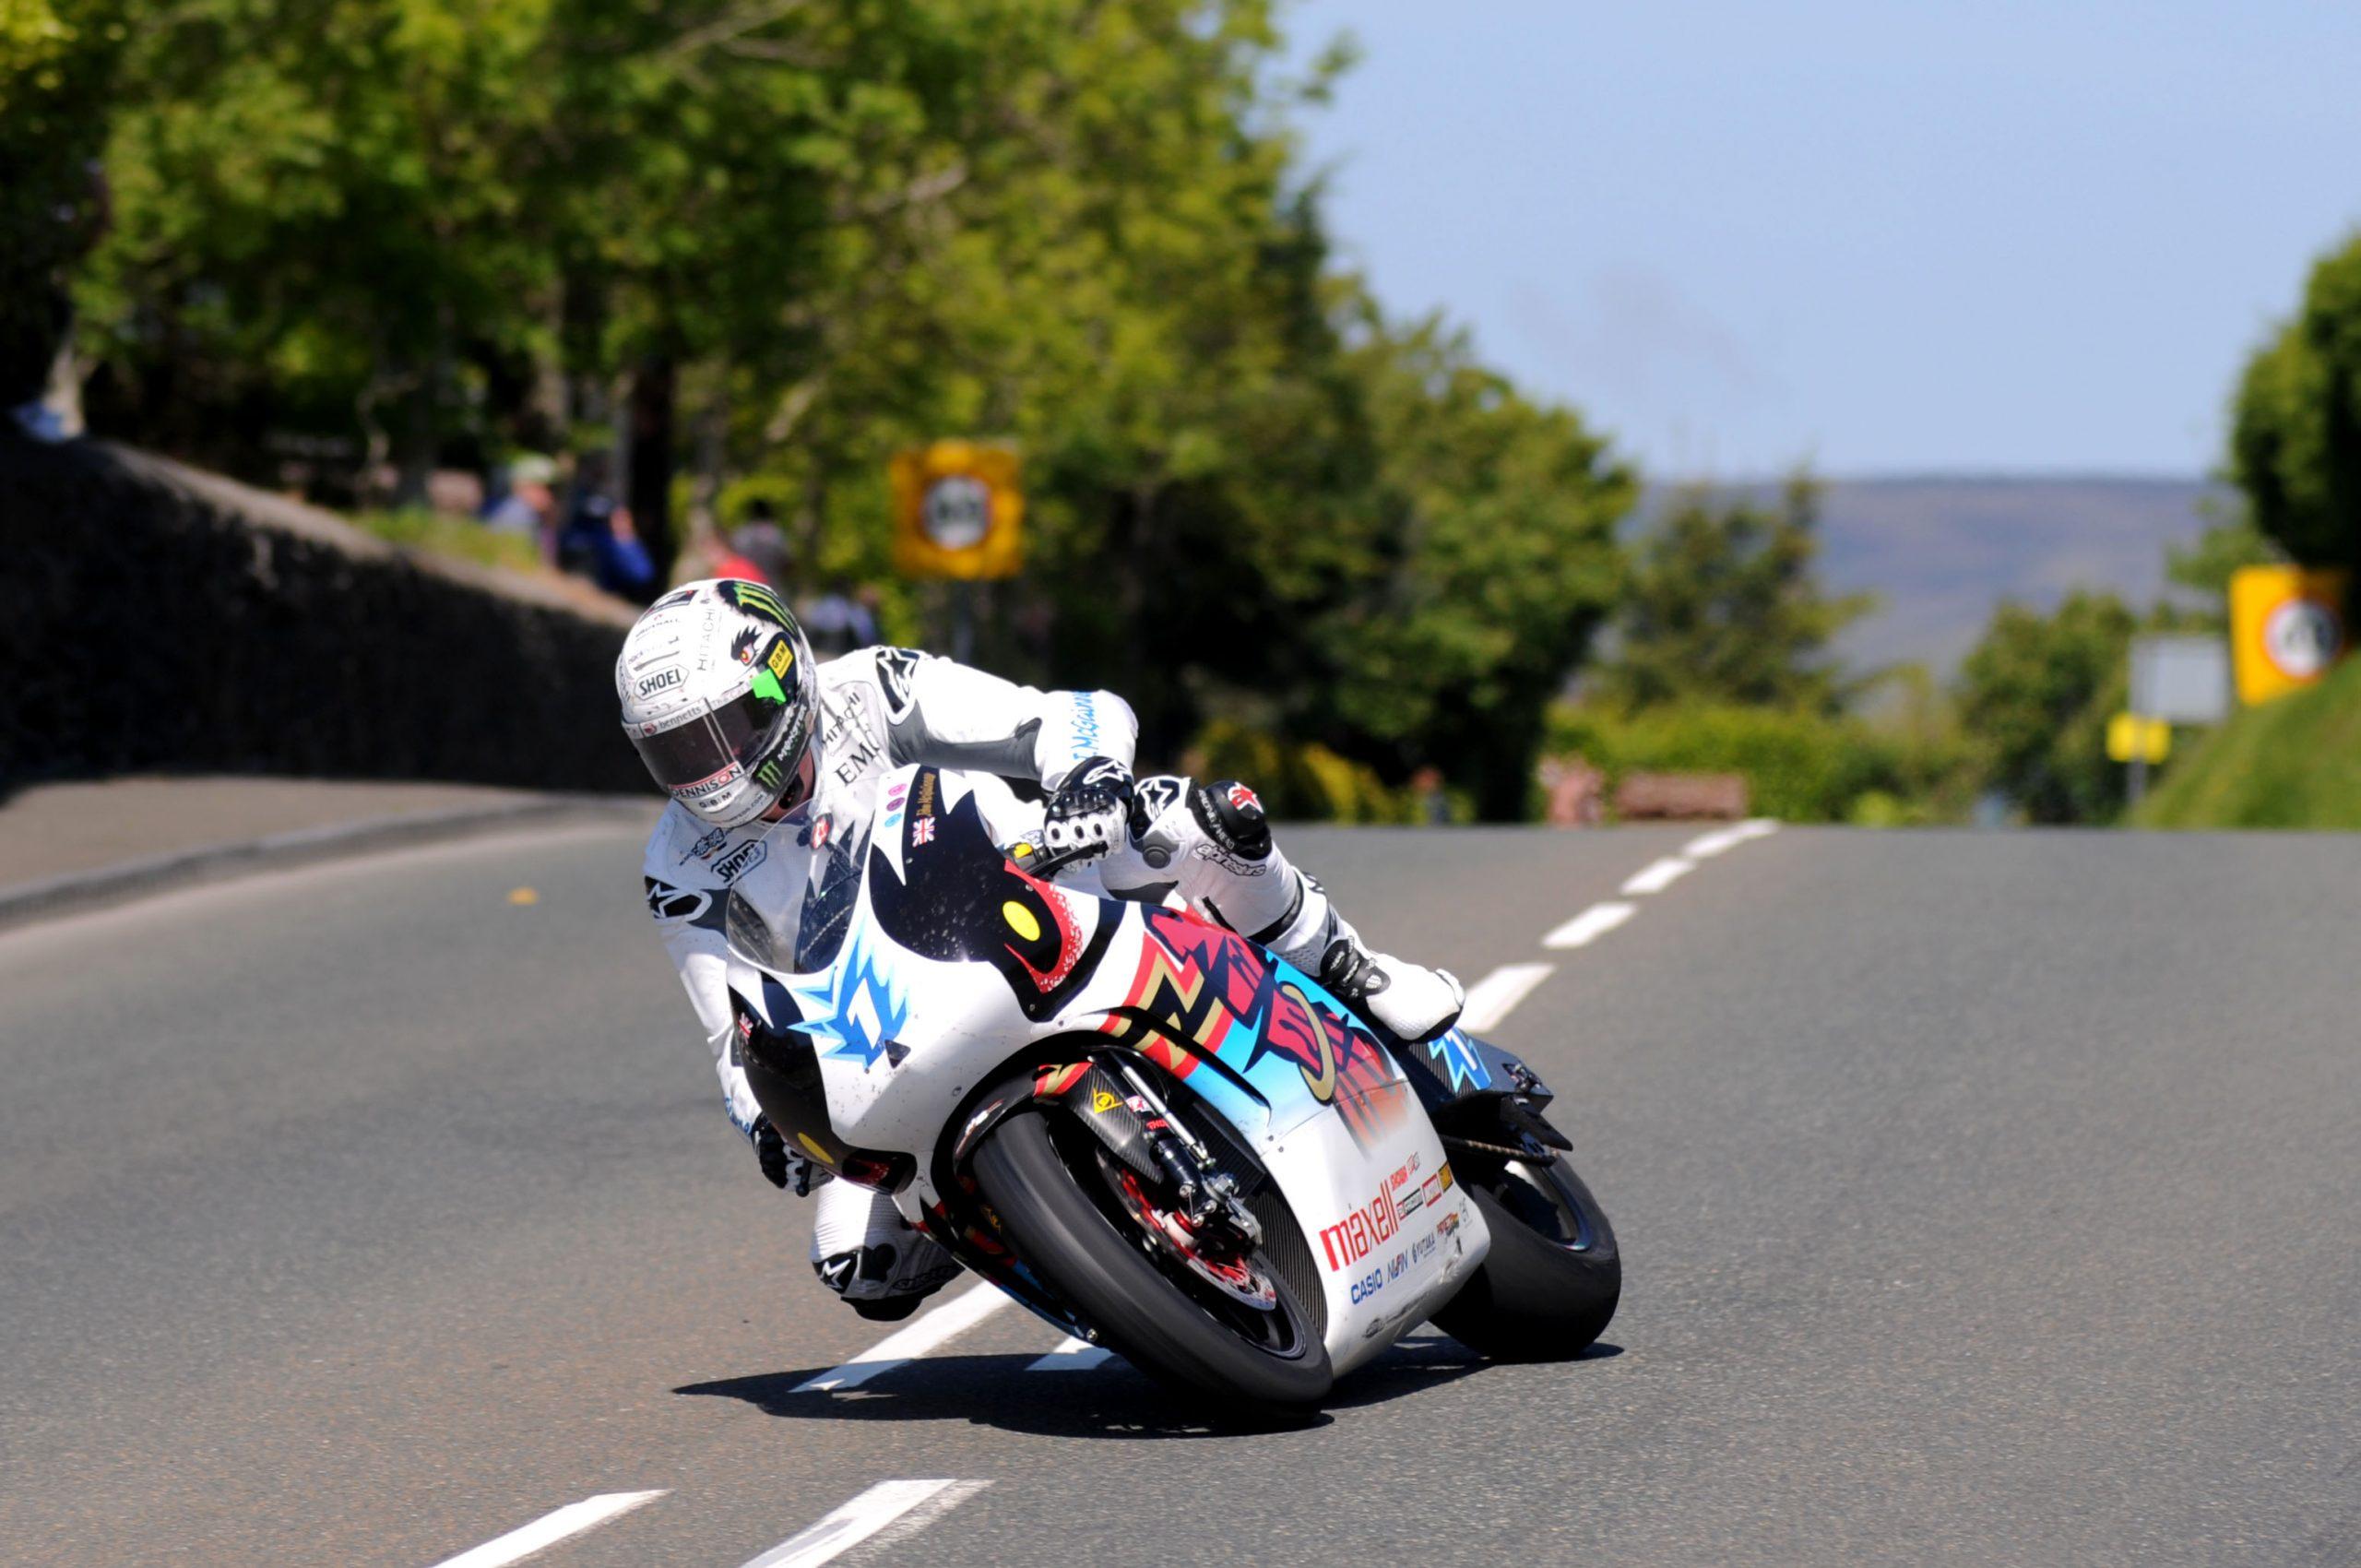 John McGuinness TT Zero 2015